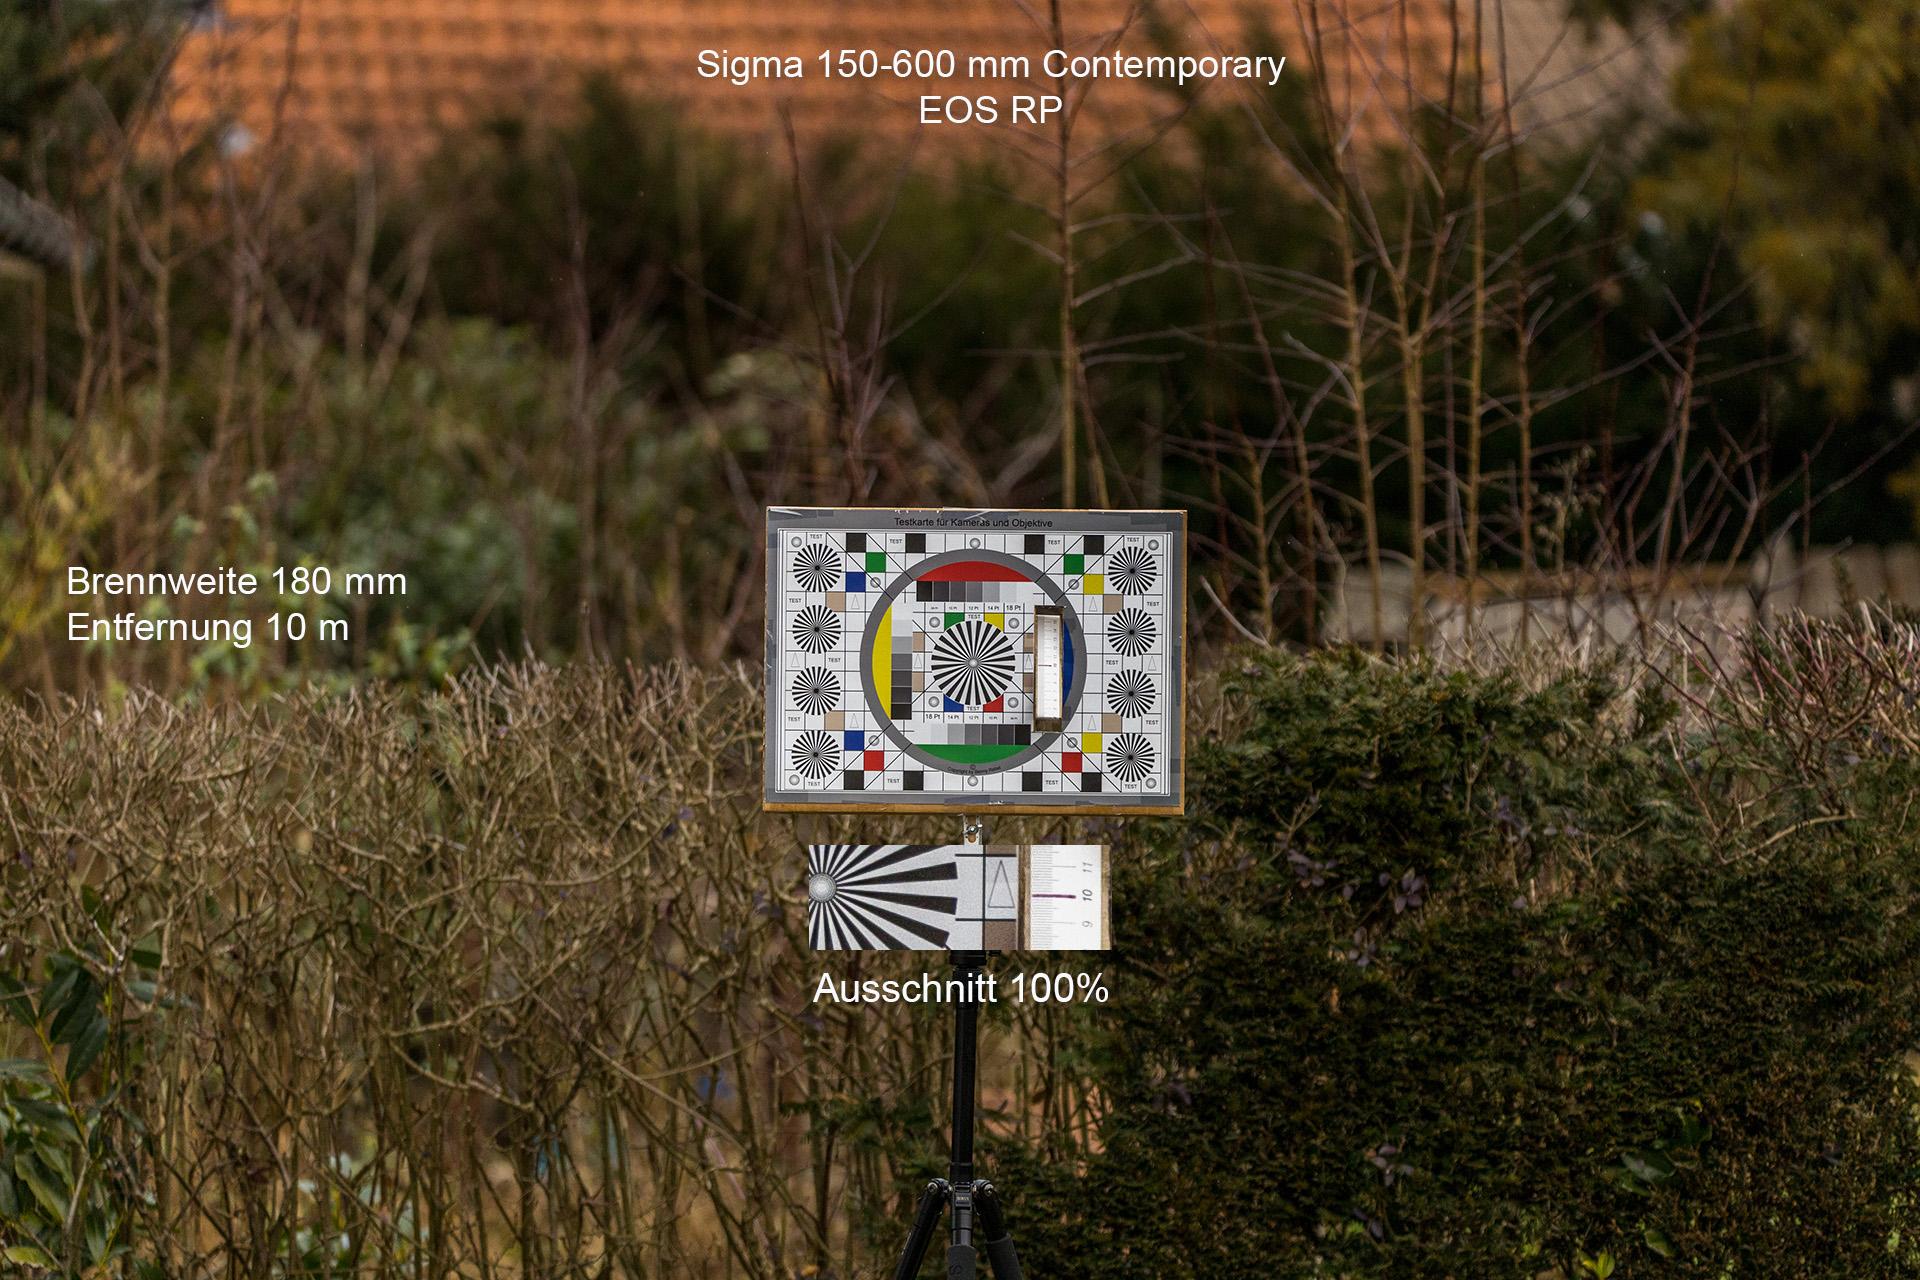 Testaufnahmen mit Sigma 150-600 mm, Canon EOS RP, 180 mm, 10 Meter